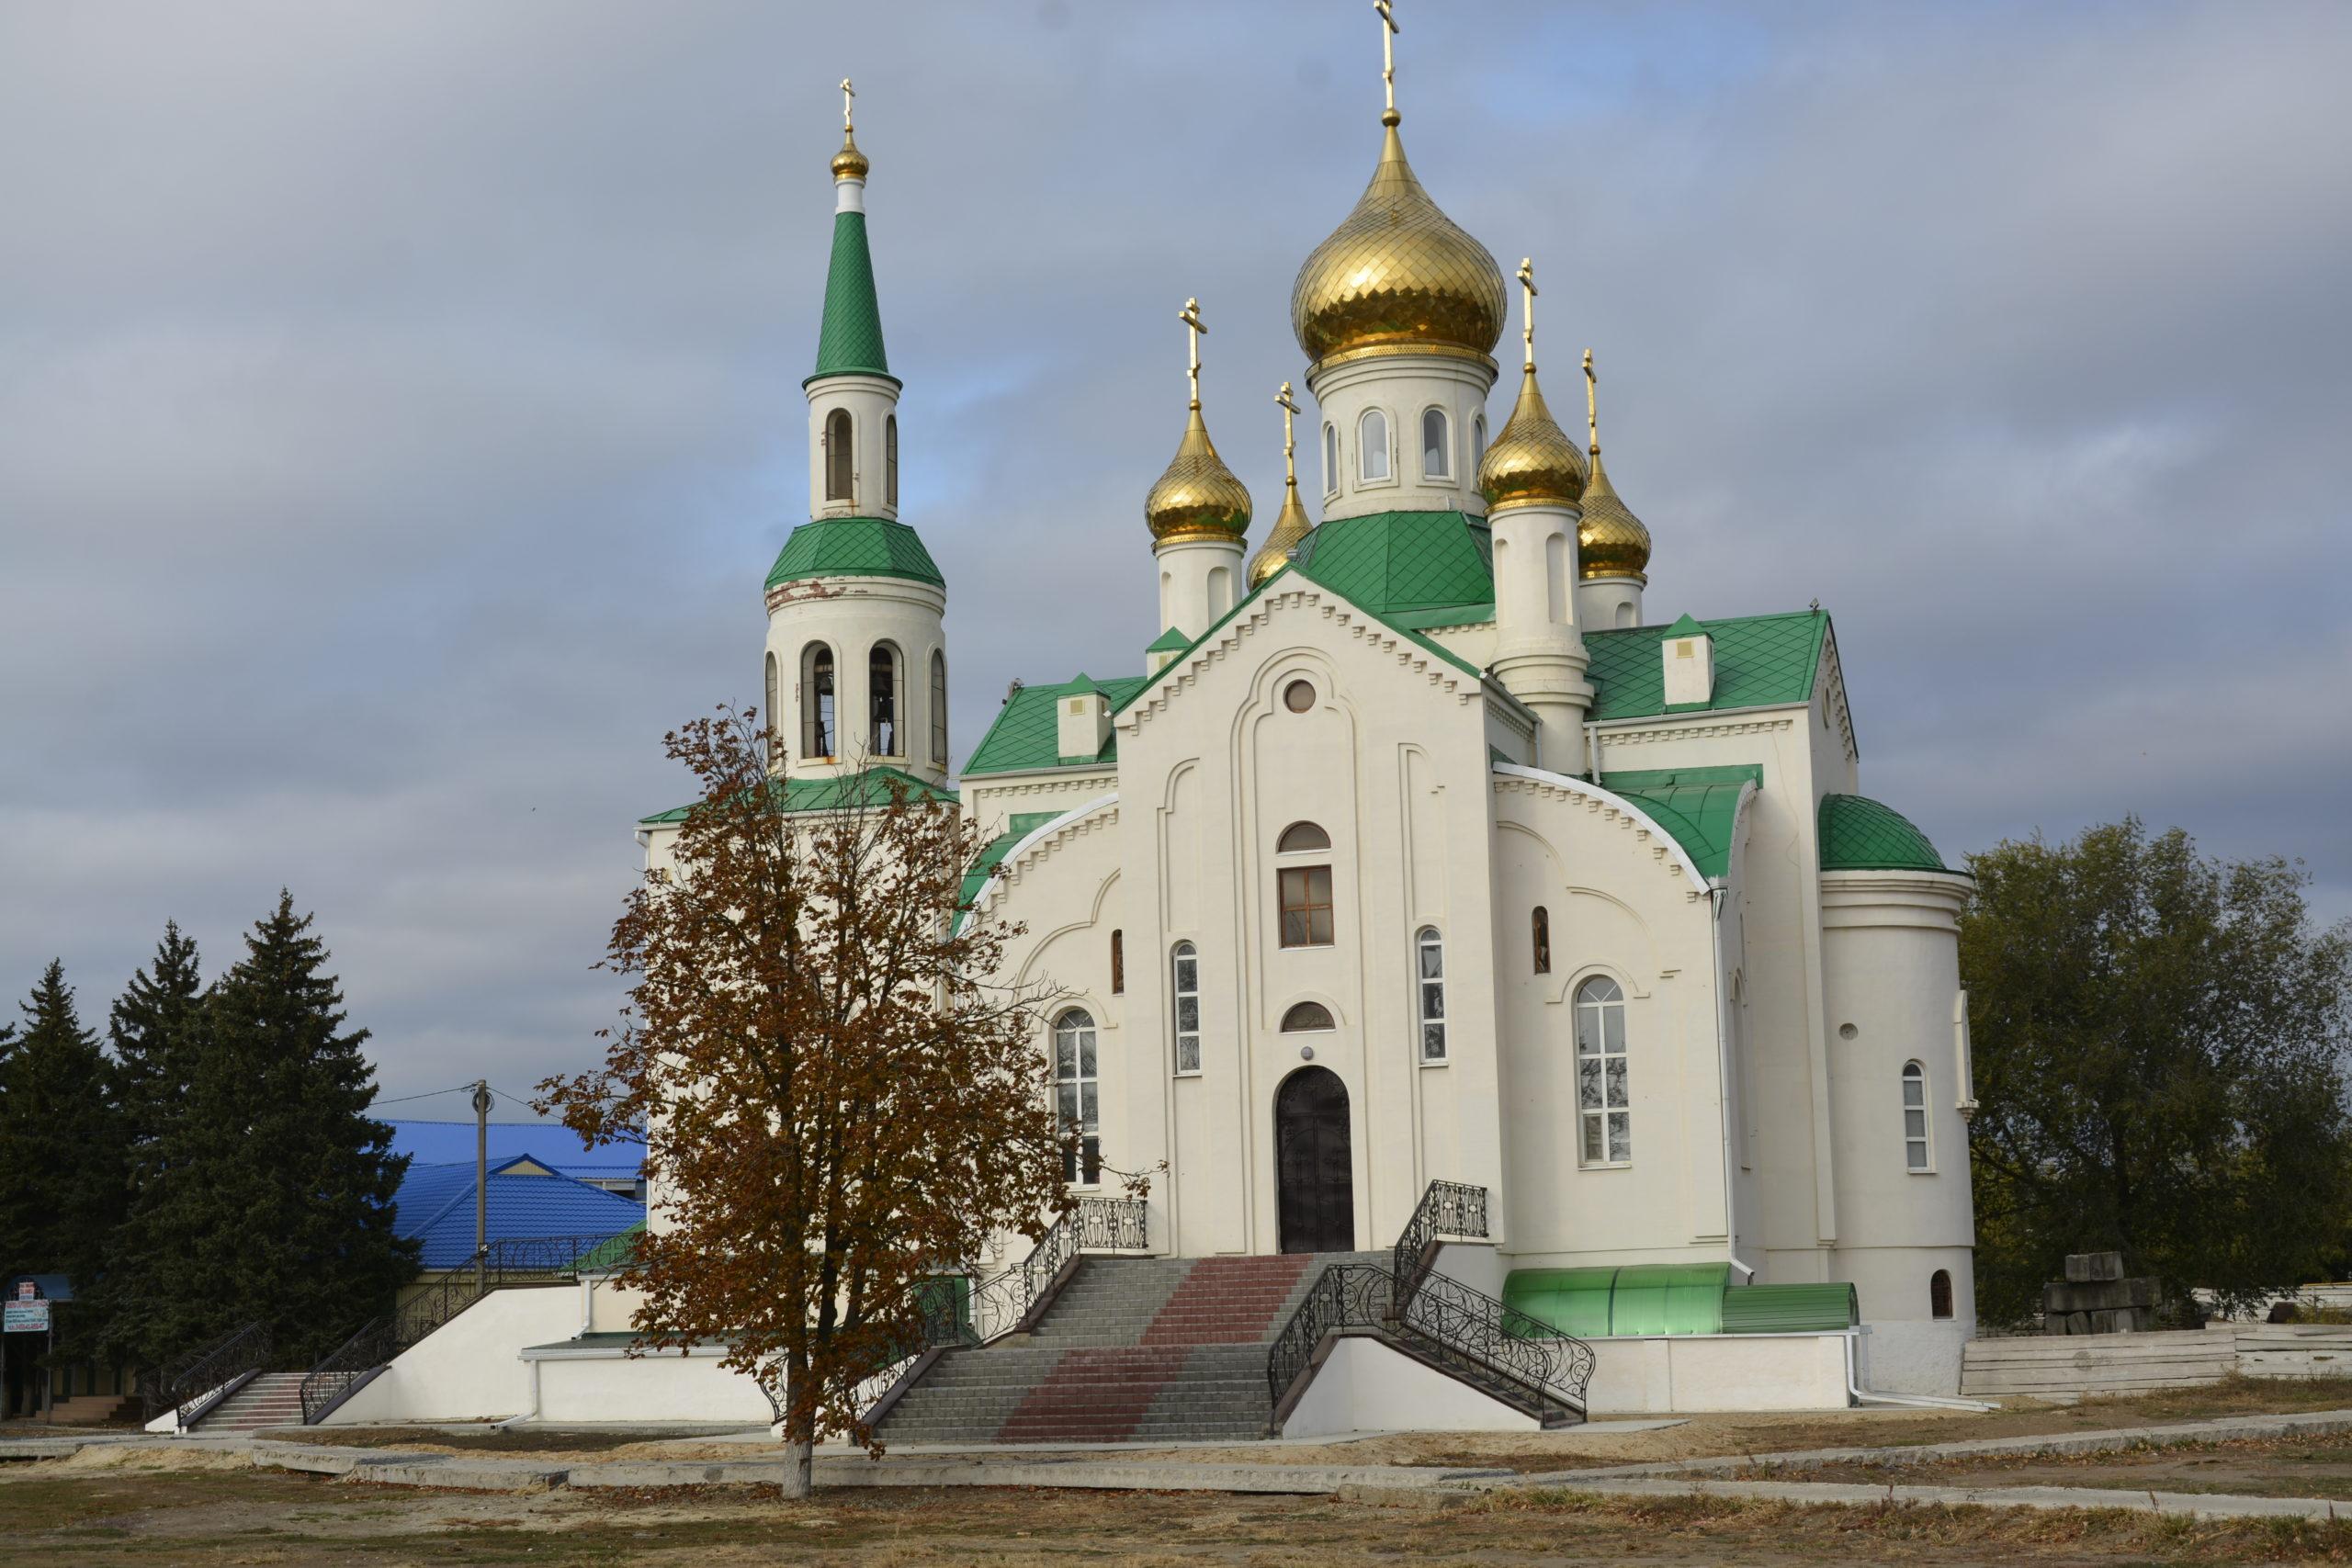 19 декабря День памяти — Святителя Николая Чудотворца